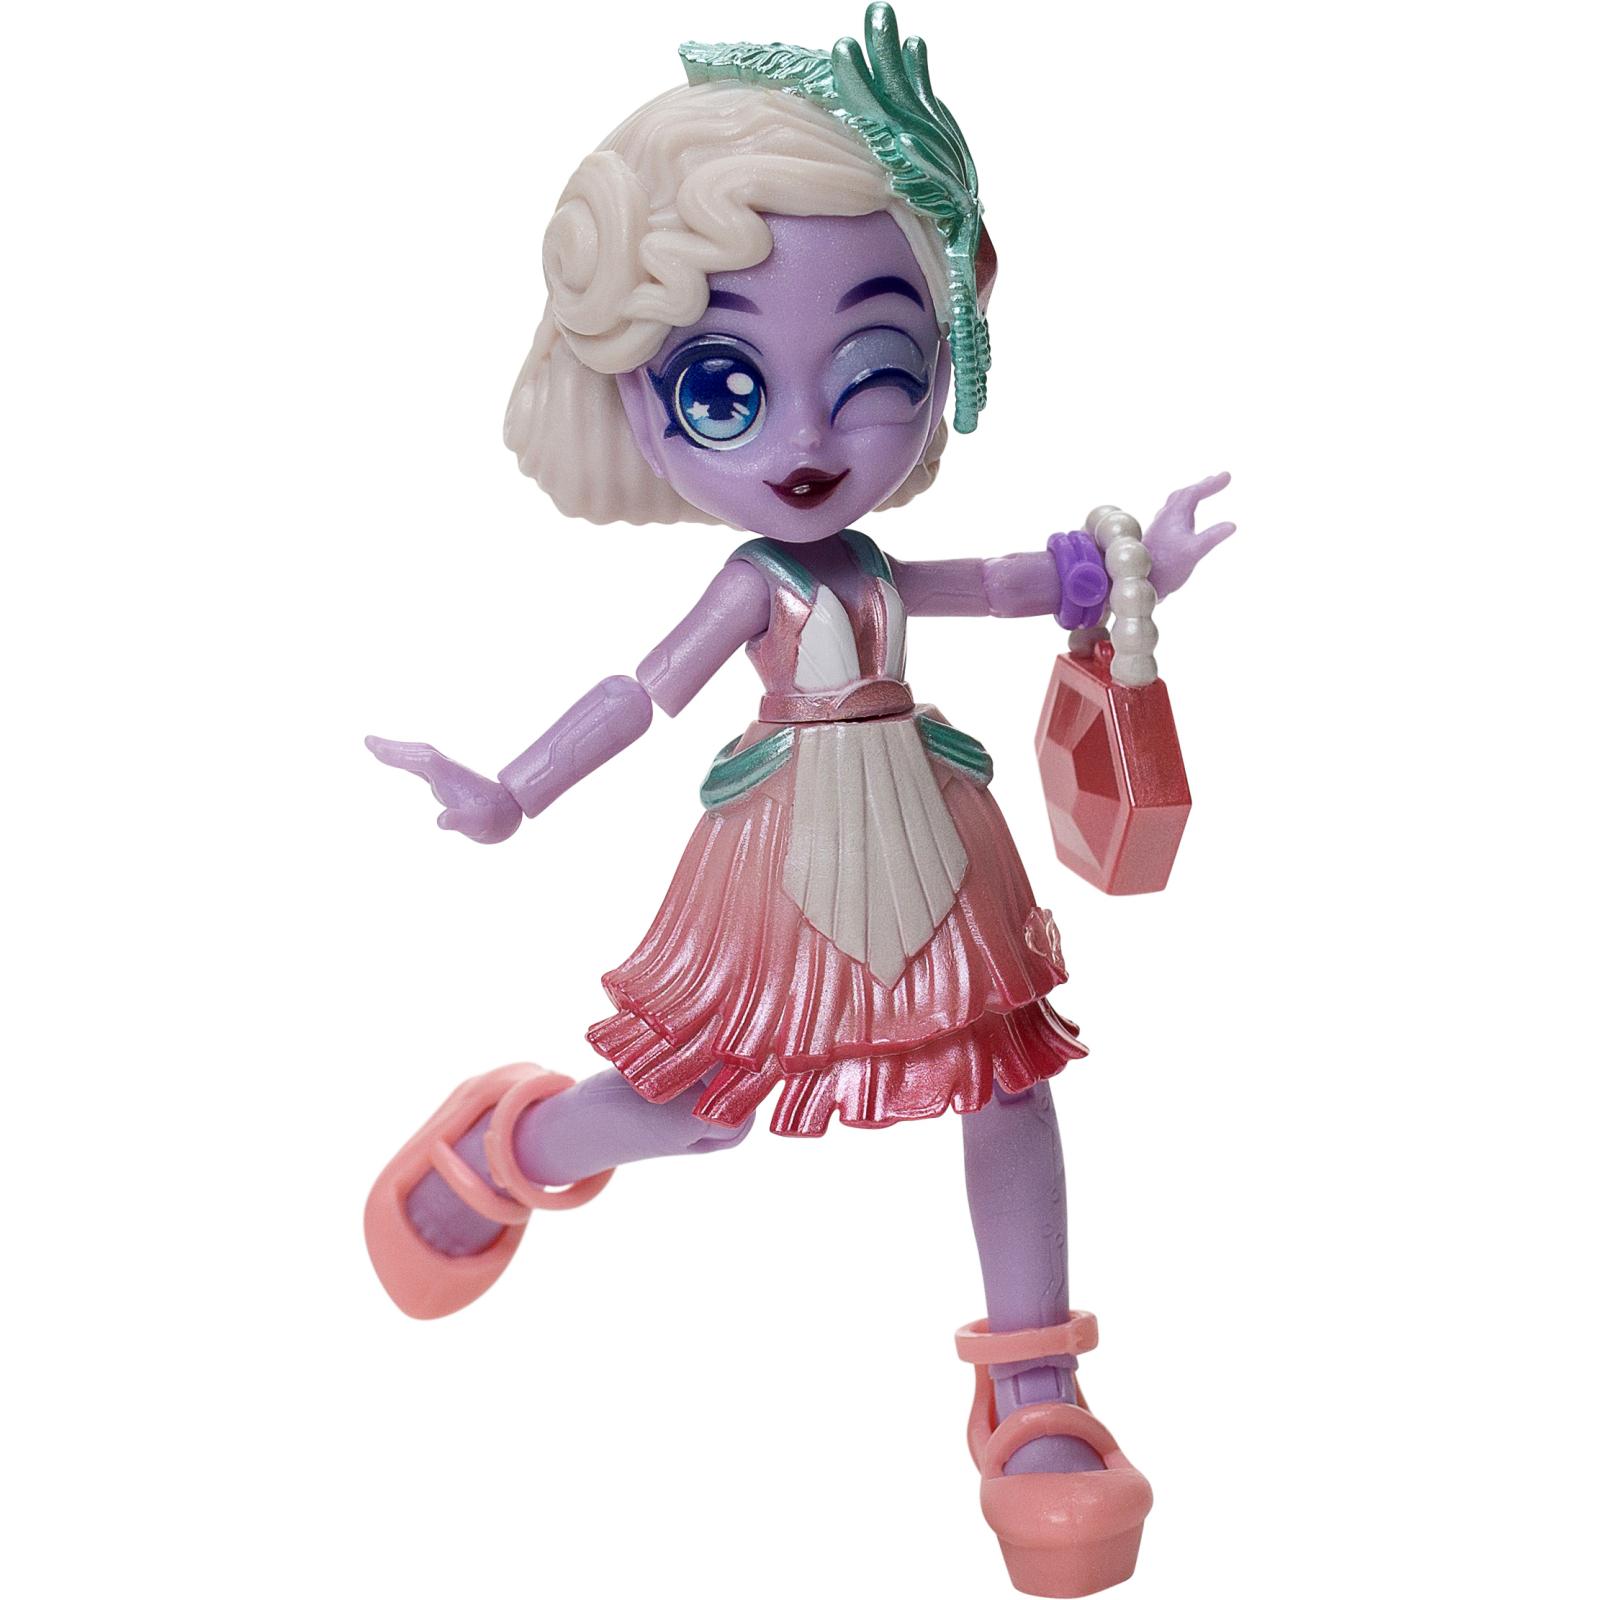 Игровой набор Moose сюрприз Capsule Chix Giga Glam с куклой (59201) изображение 3